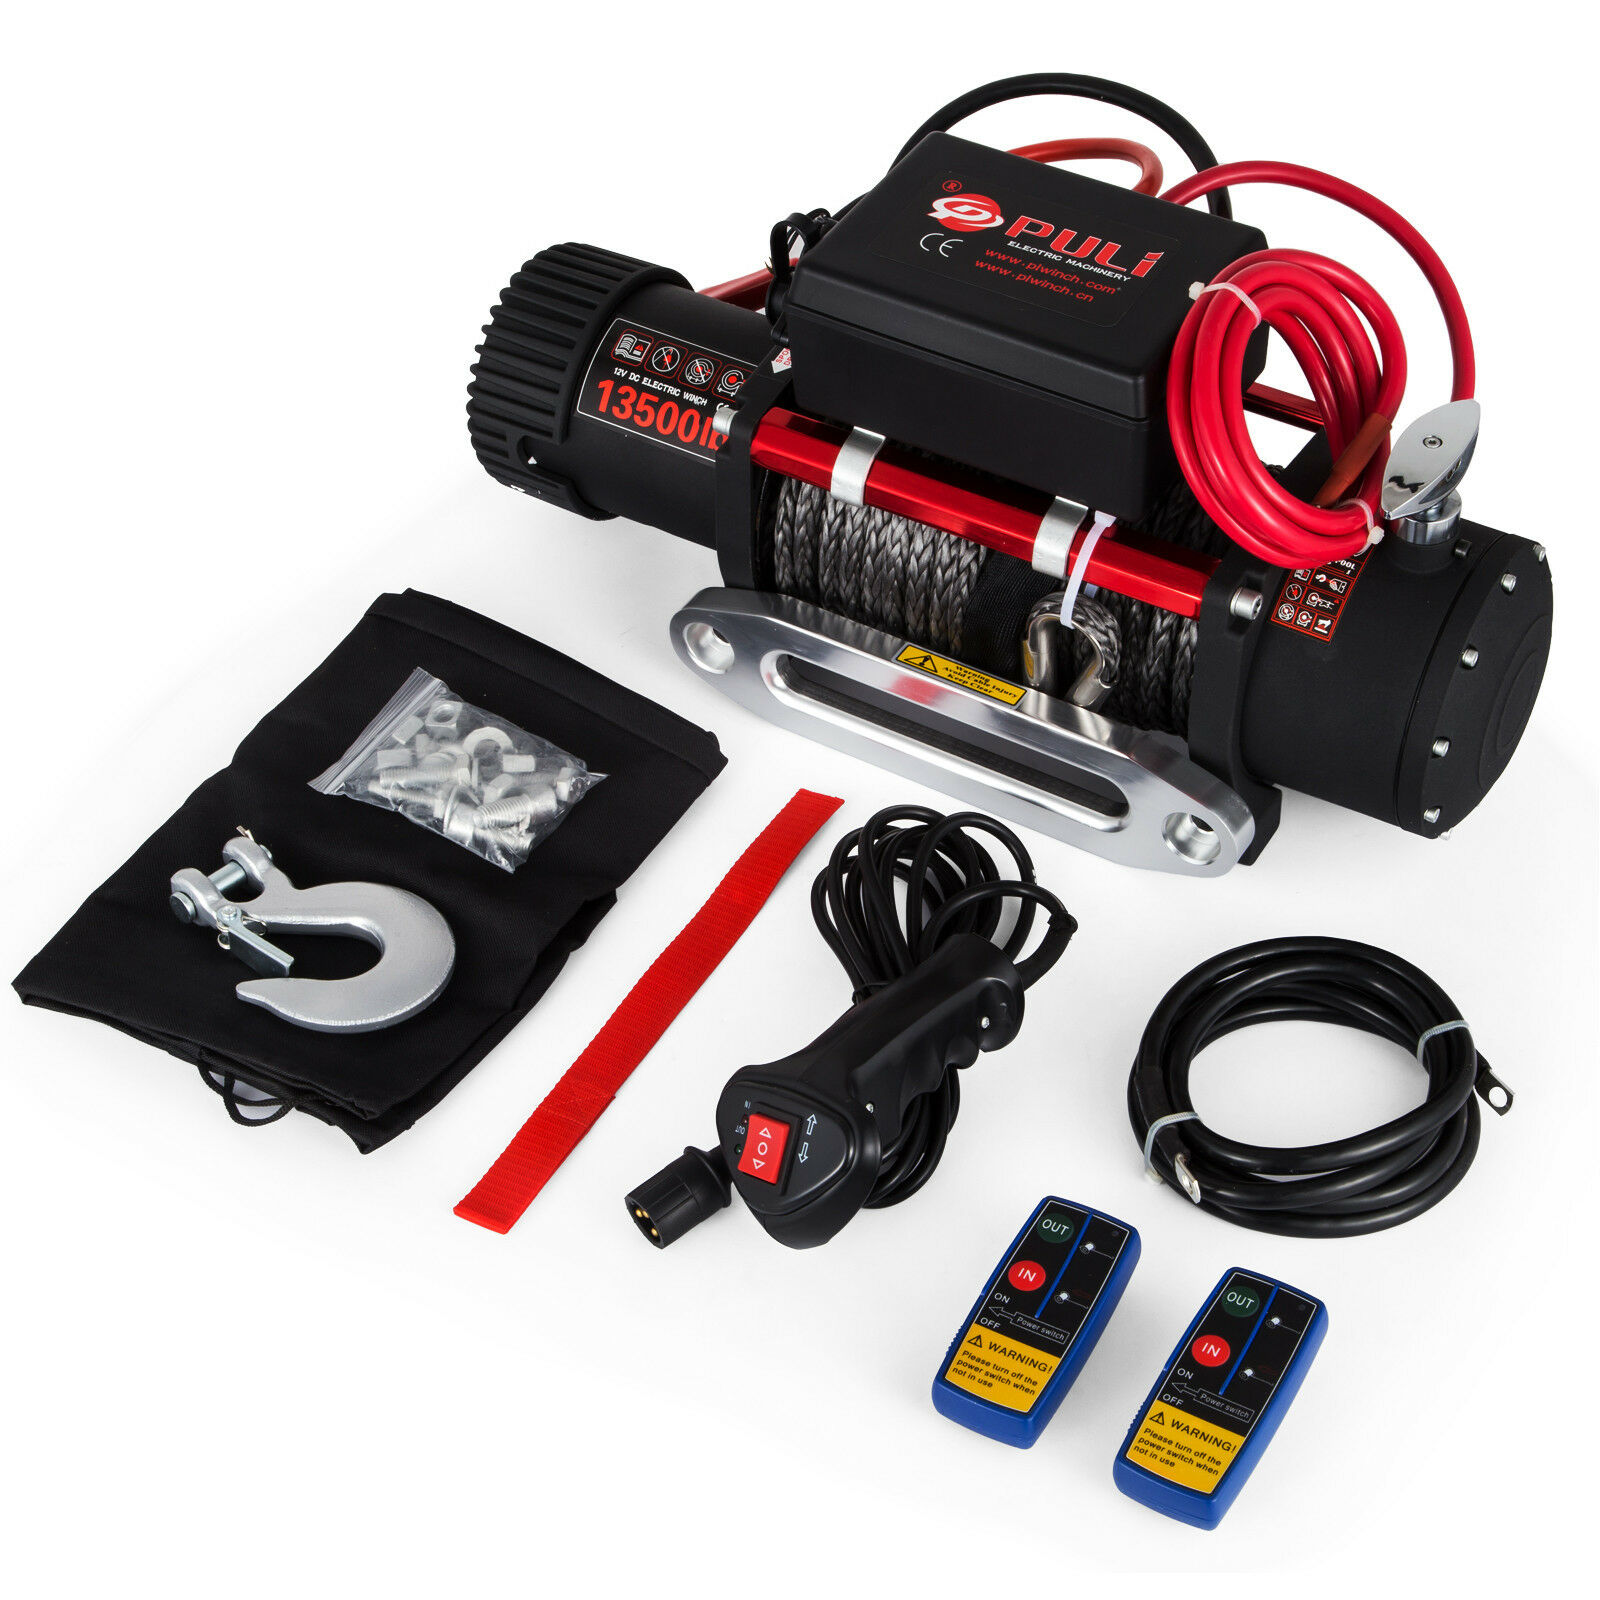 Bezpłatna dostawa przy ue 13500LBS 12V elektryczna lina syntetyczna odzyskiwanie wciągarki zdalnego sterowania